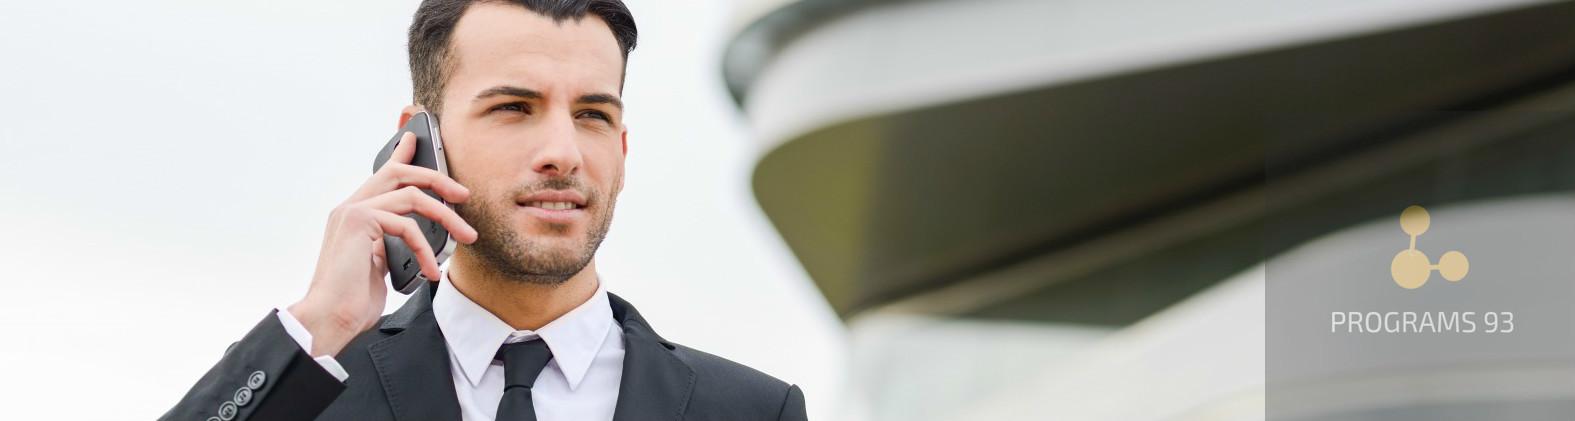 аутсорсинг бухгалтерских услуг для ИП